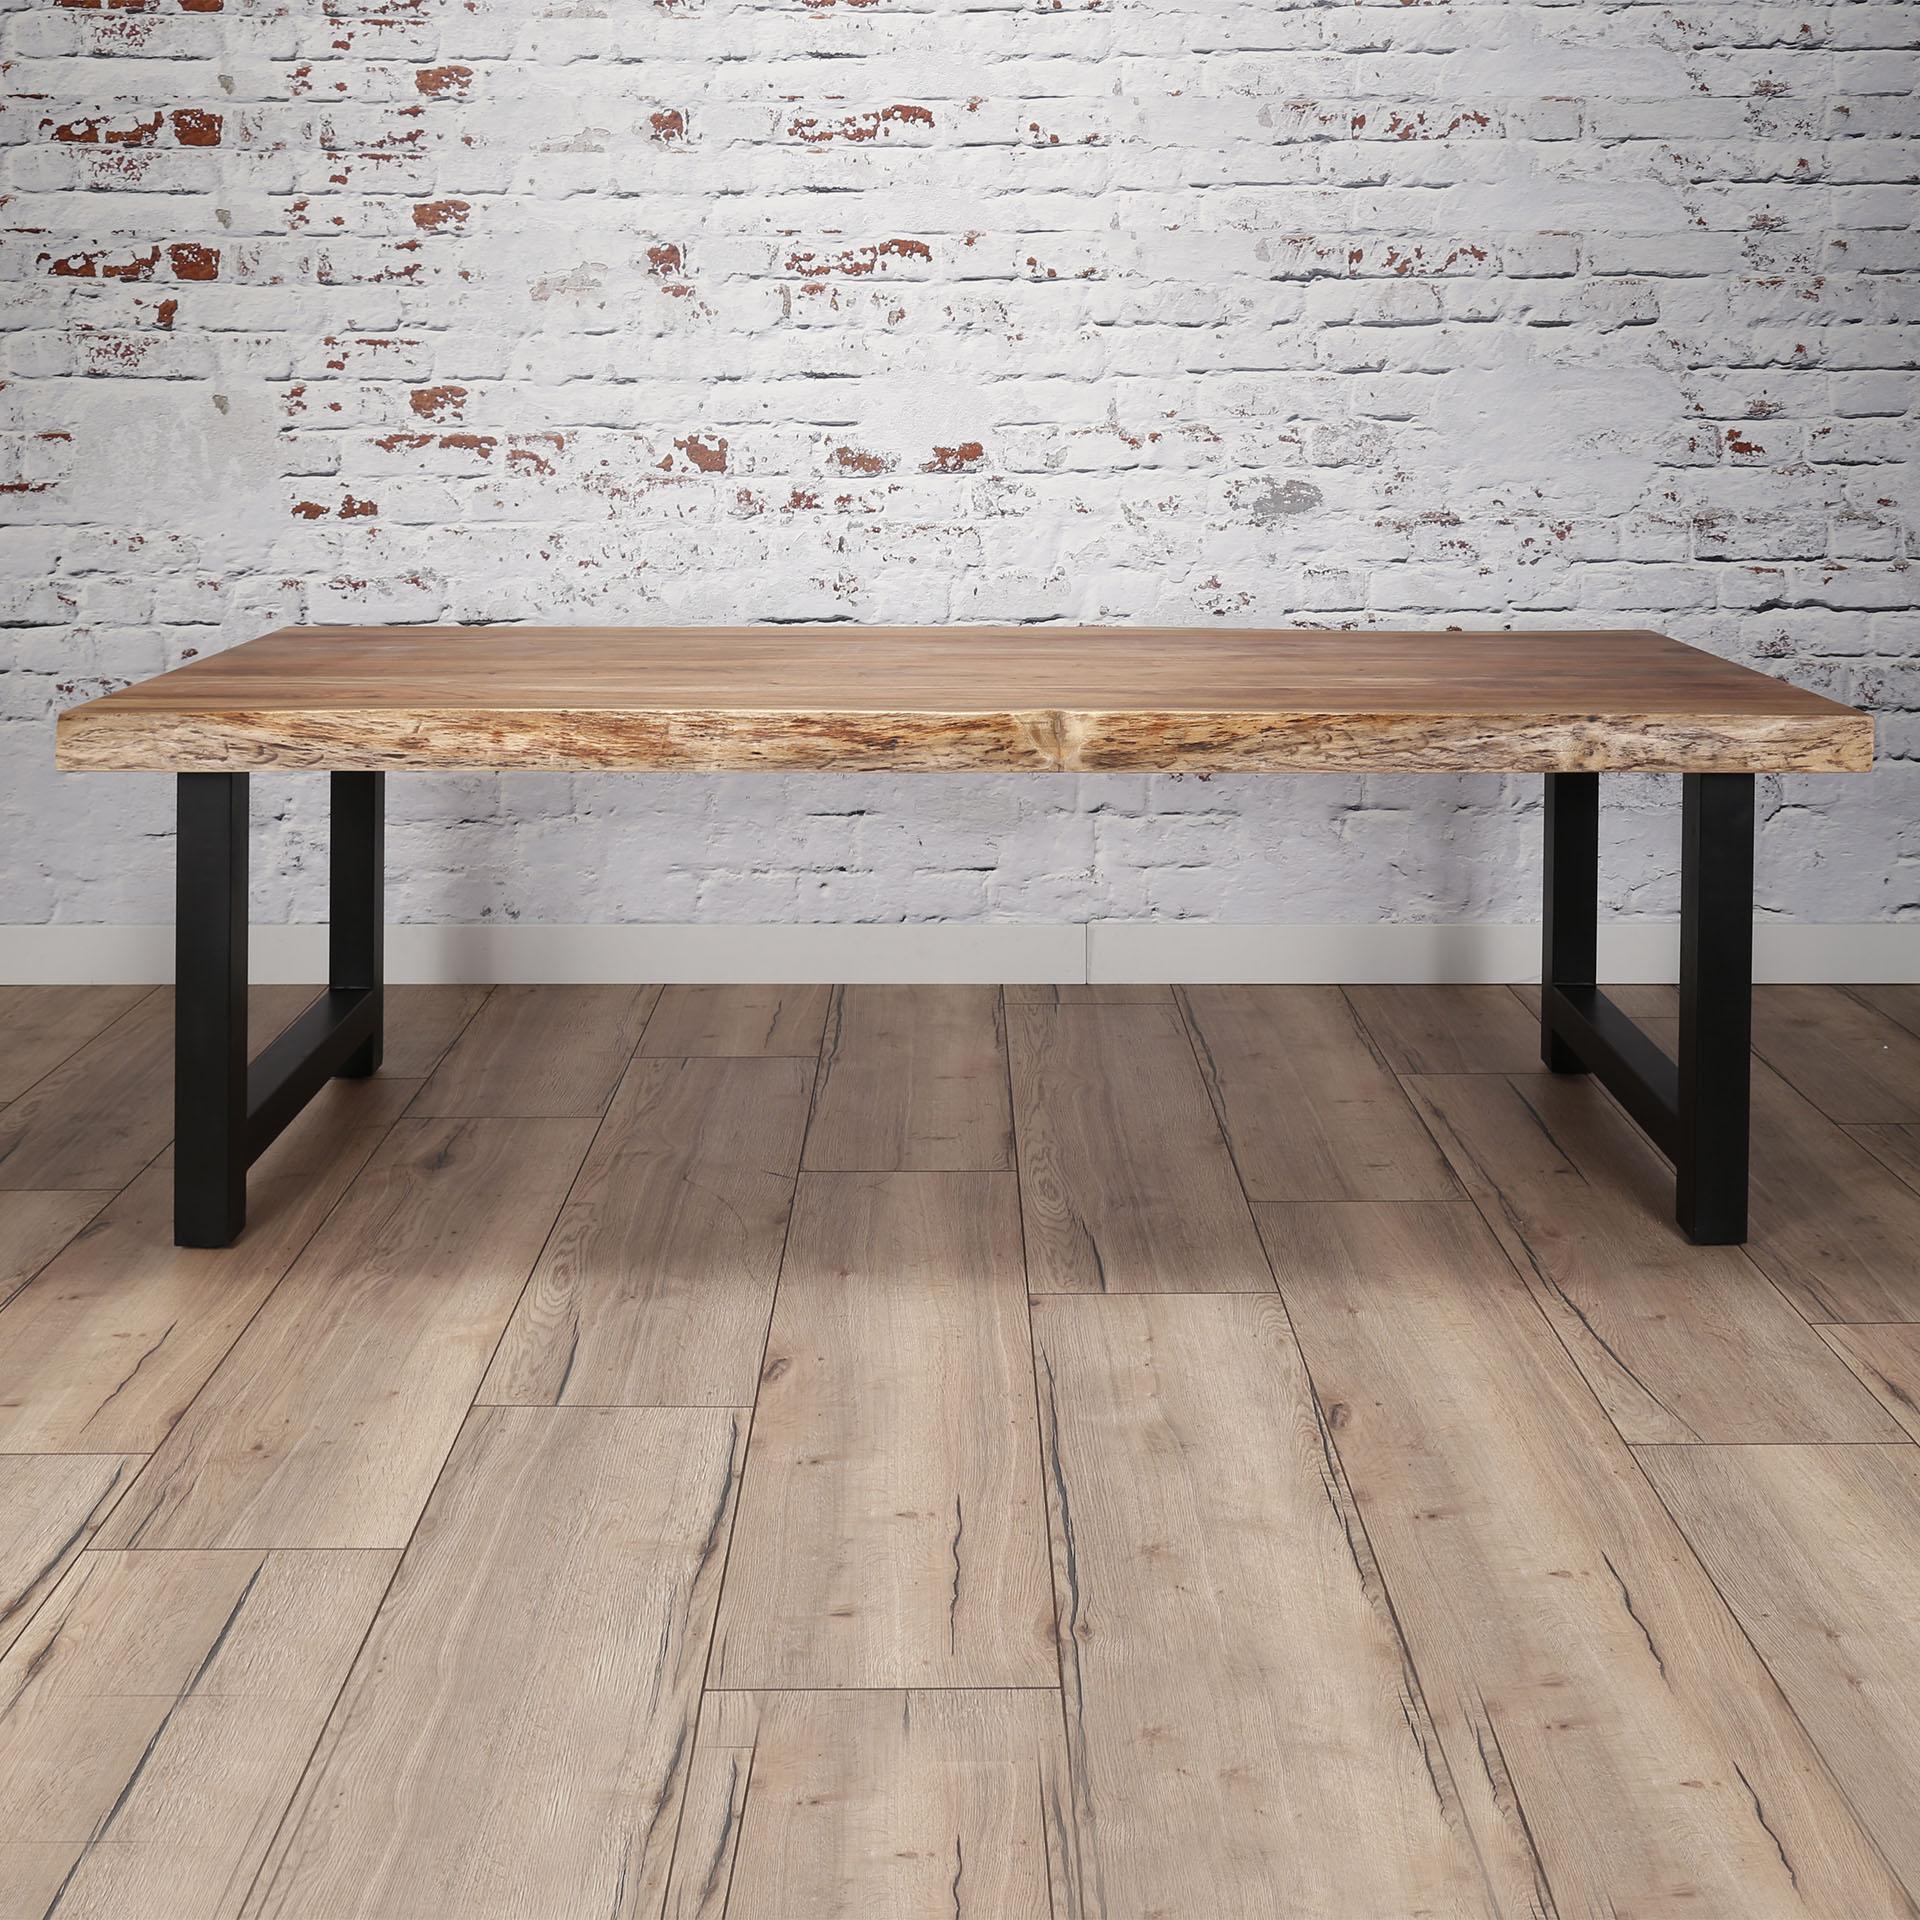 Table à manger bois massif métal 200 cm MELBOURNE | Tables à